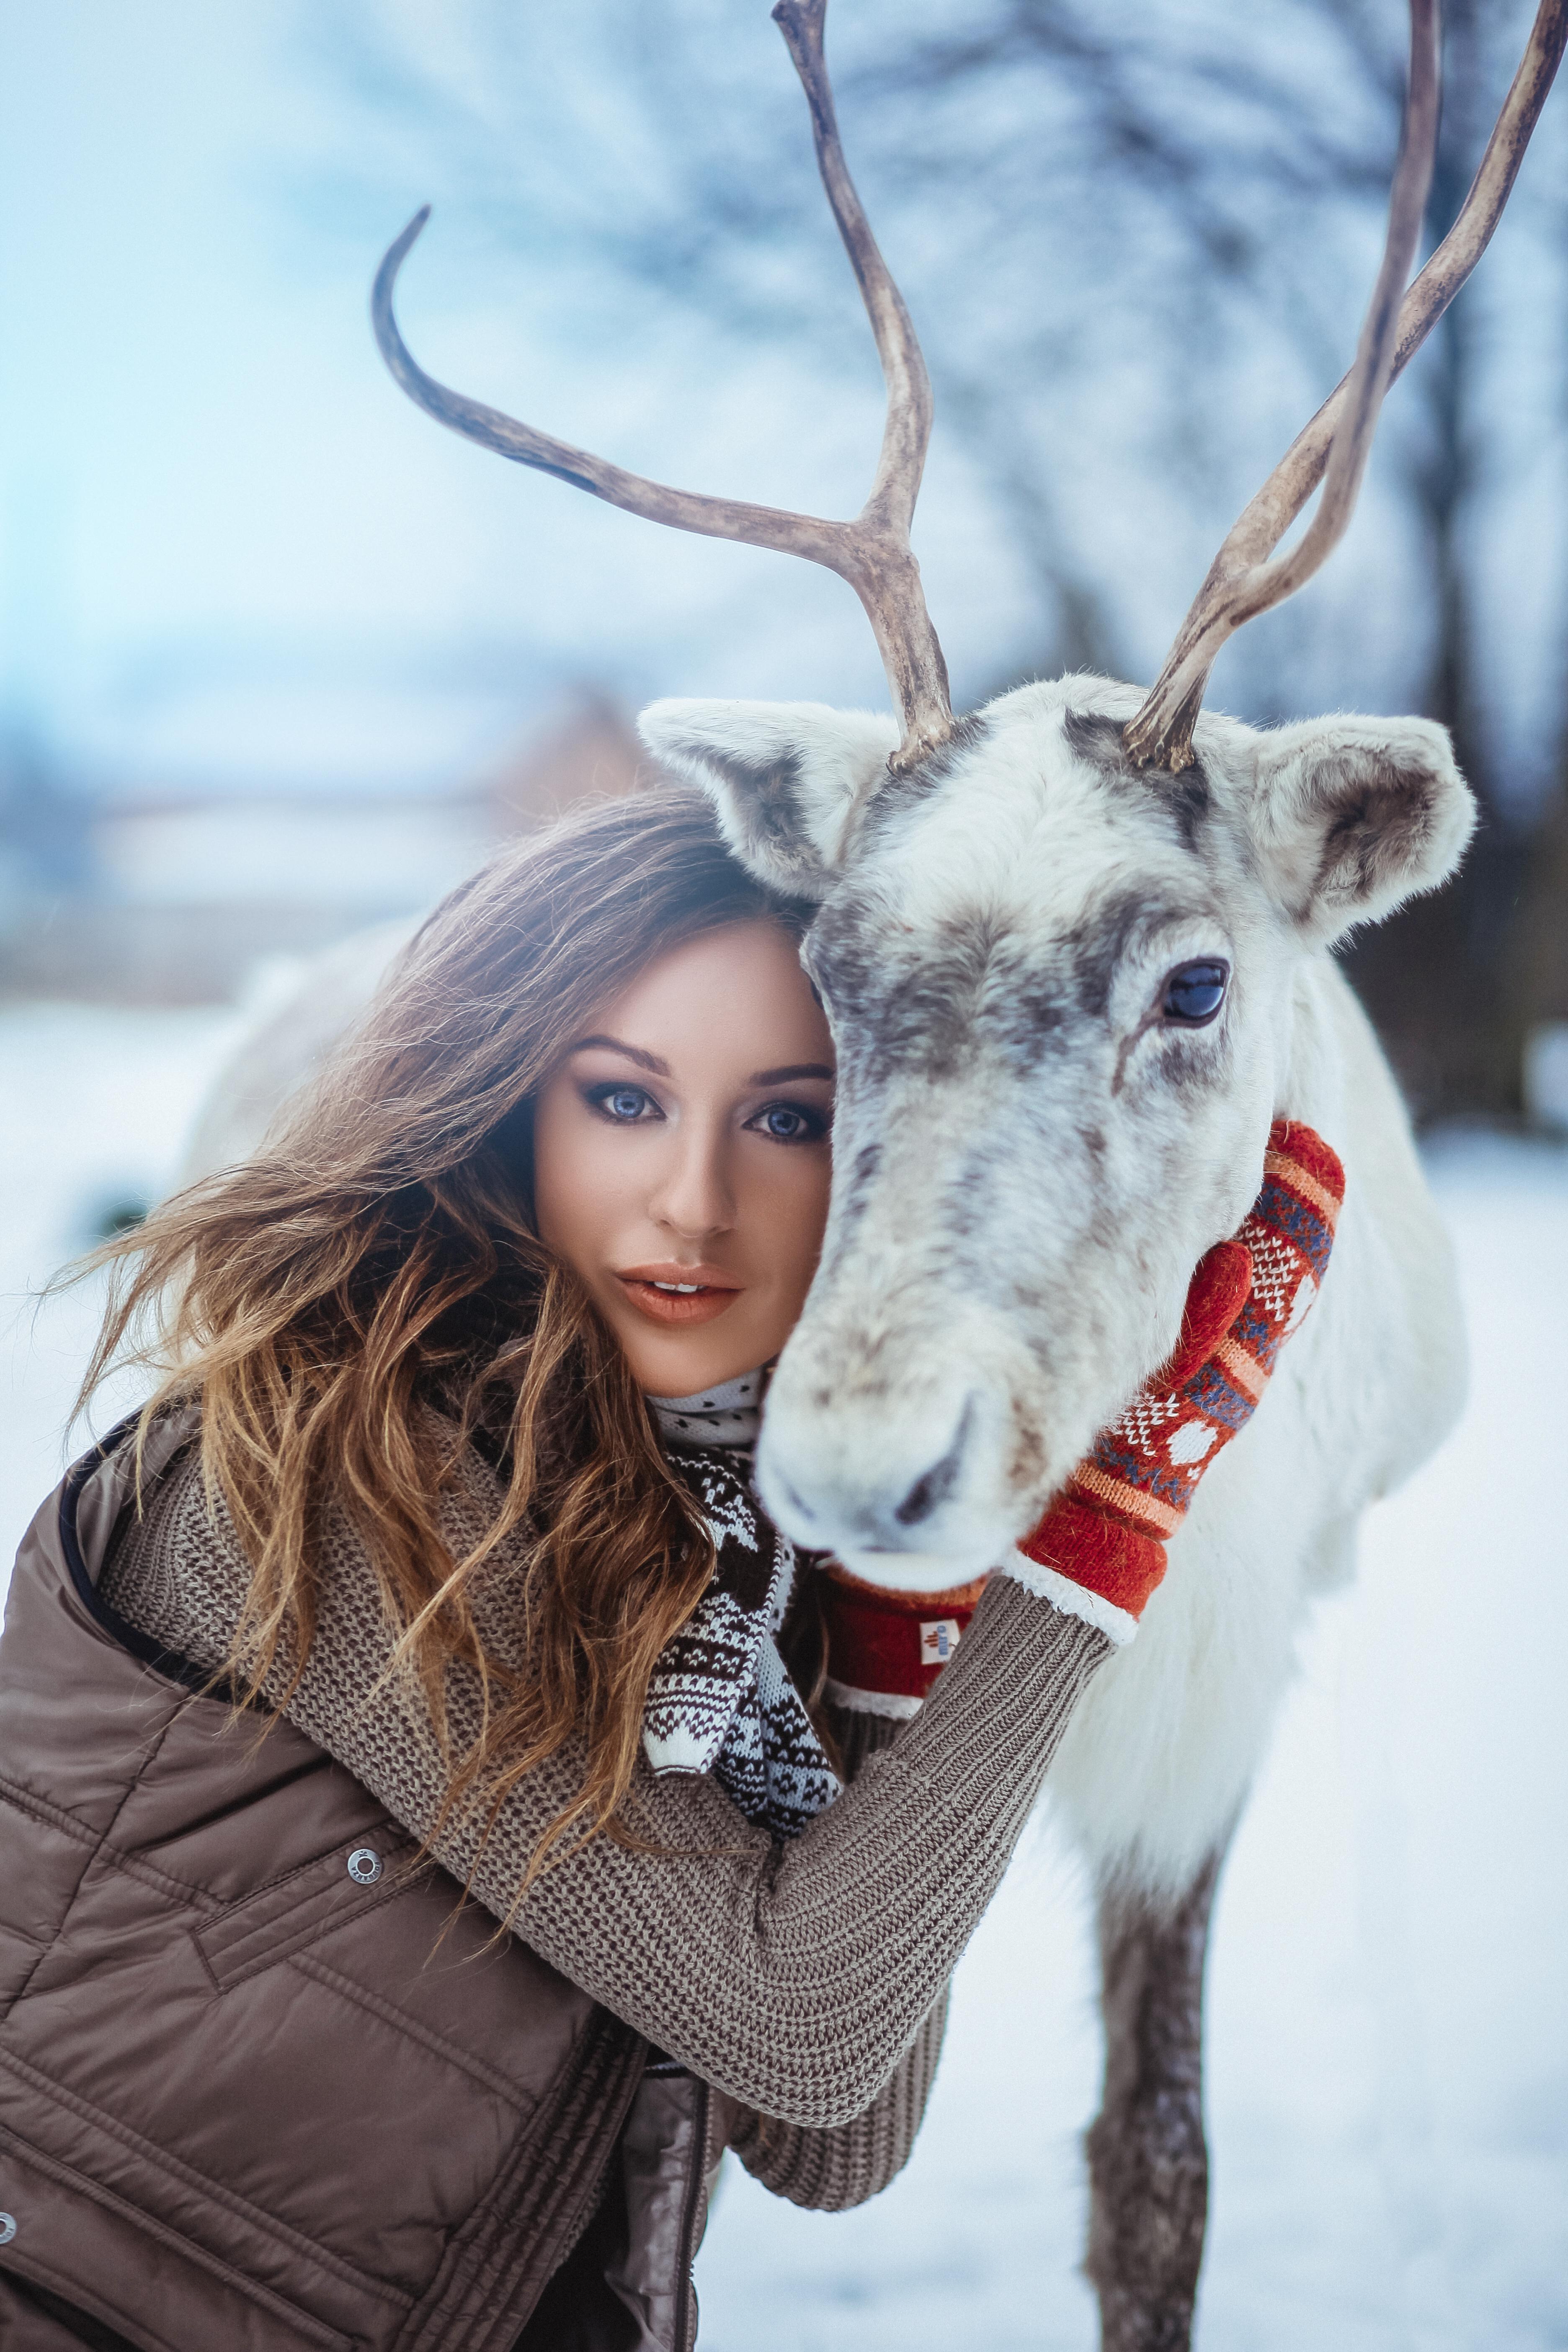 портрет девушки на зимнем фоне с оленем